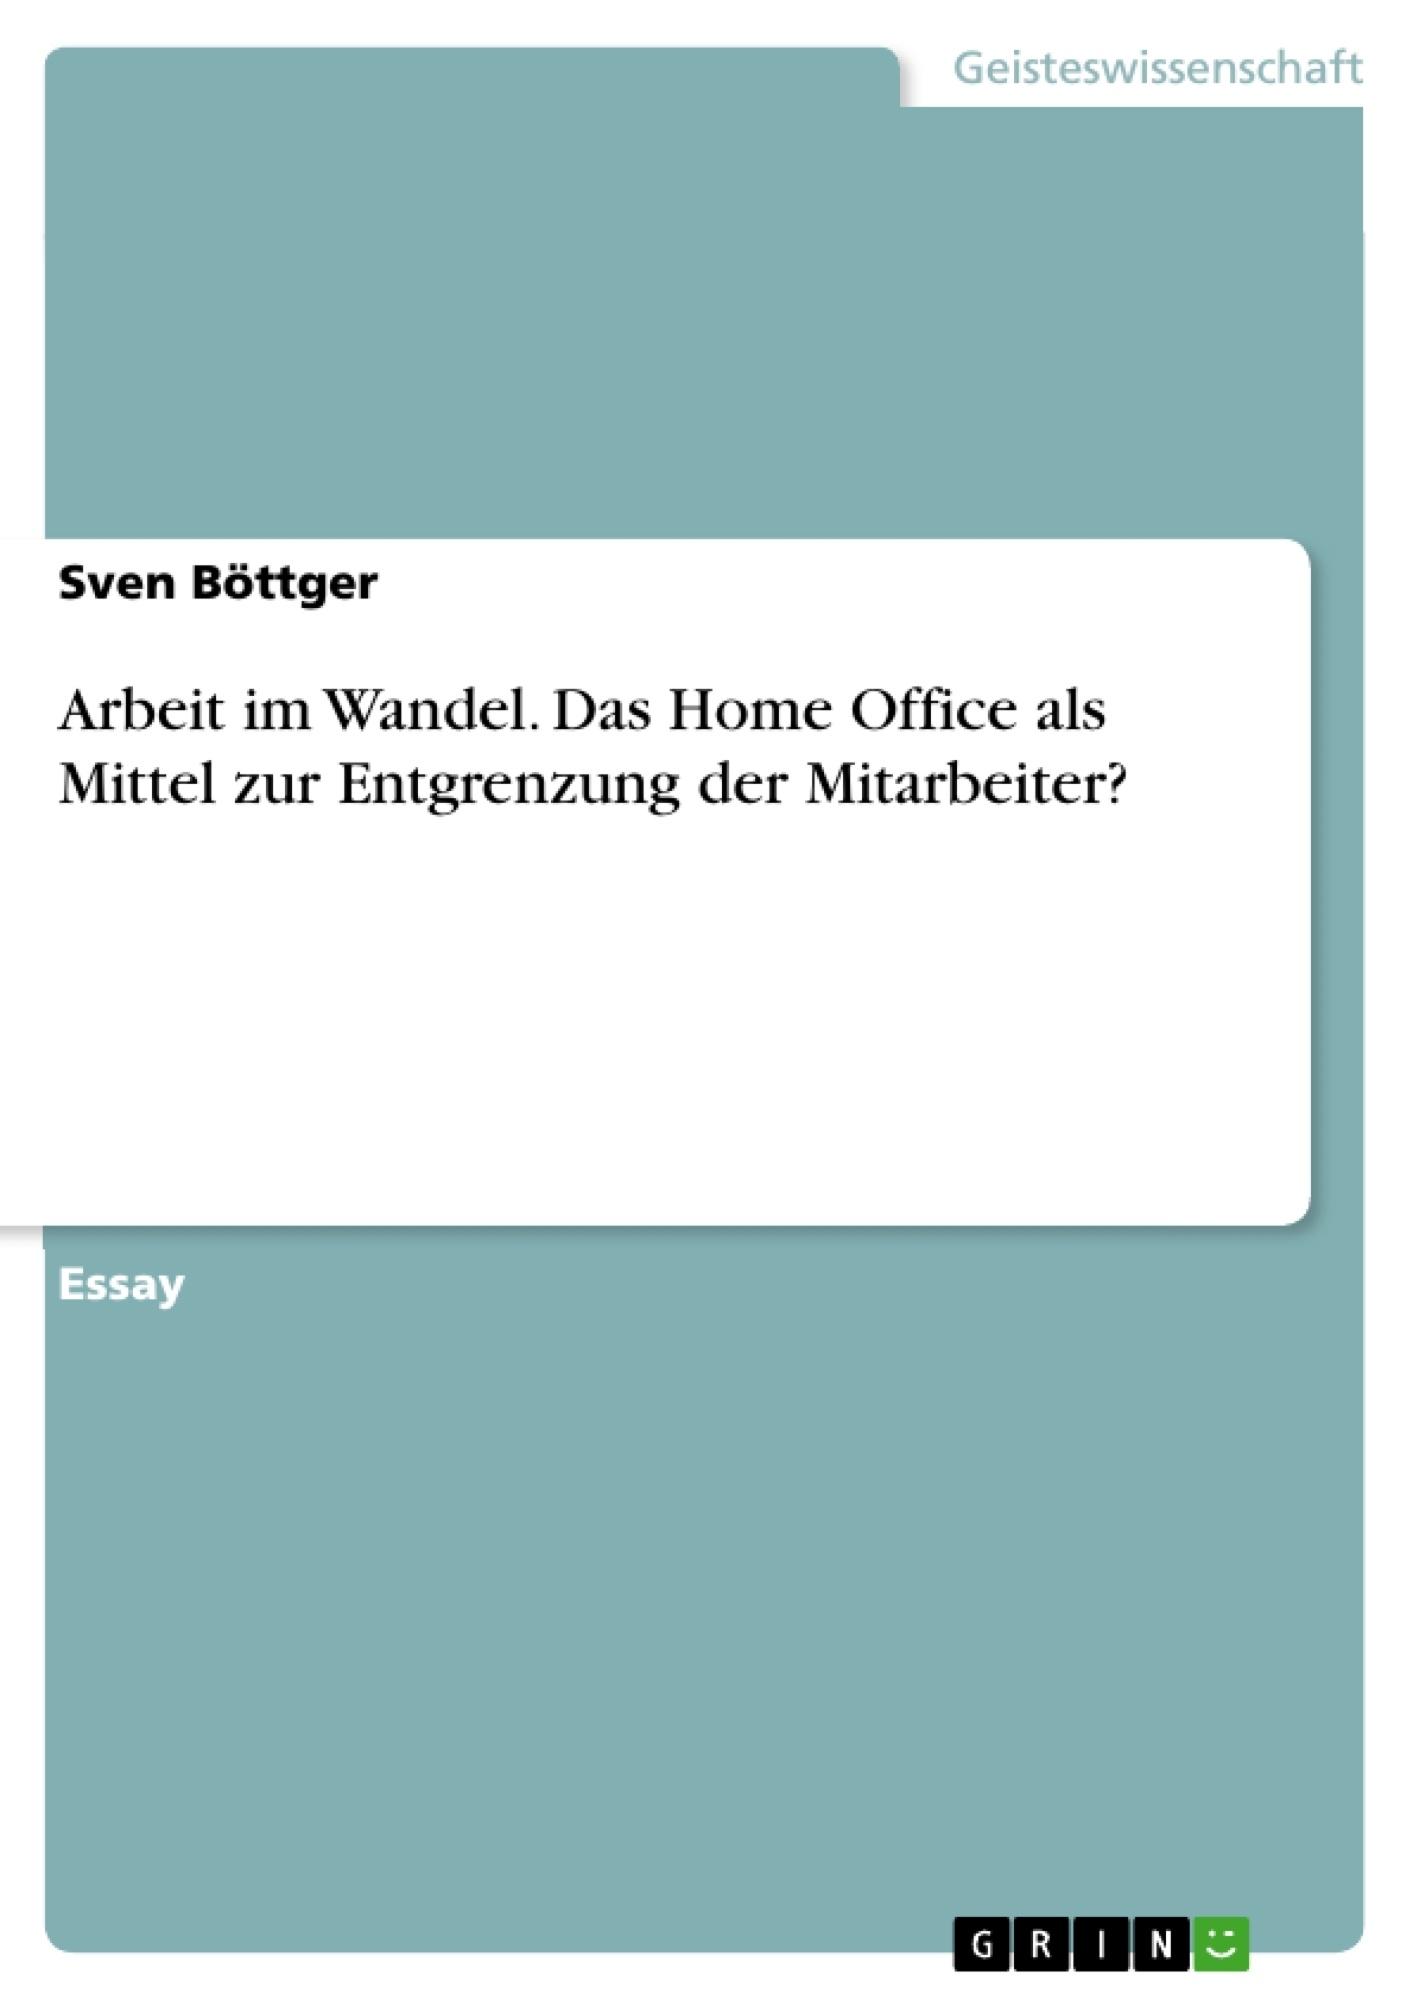 Titel: Arbeit im Wandel. Das Home Office als Mittel zur Entgrenzung der Mitarbeiter?